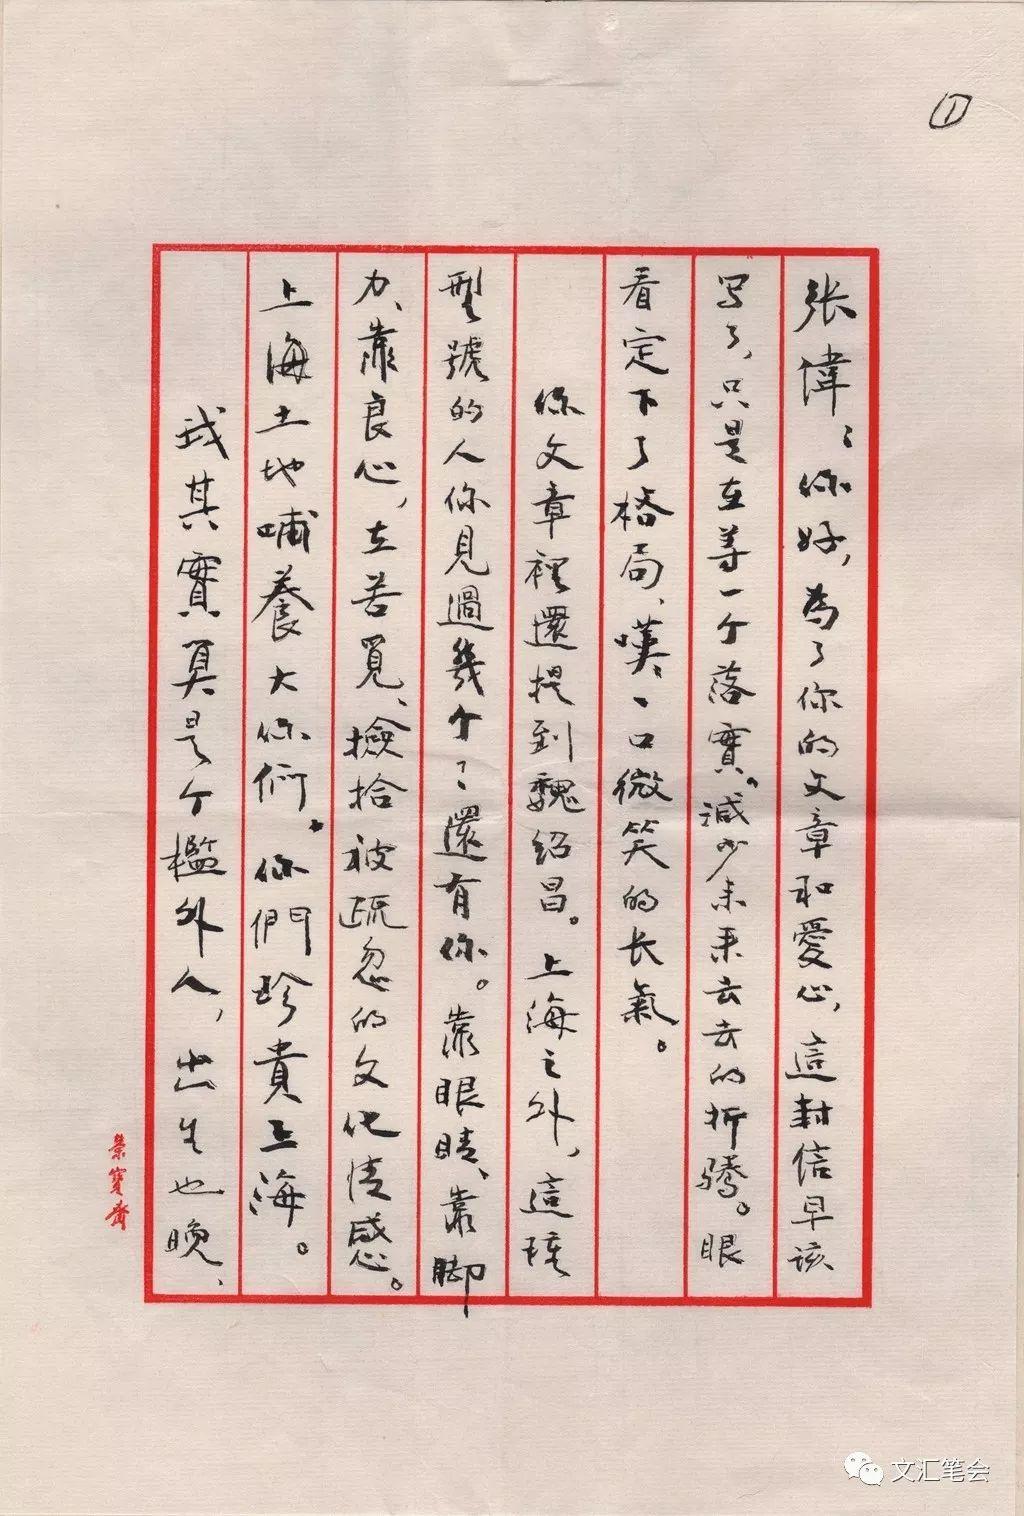 黄永玉:给张伟的一封信